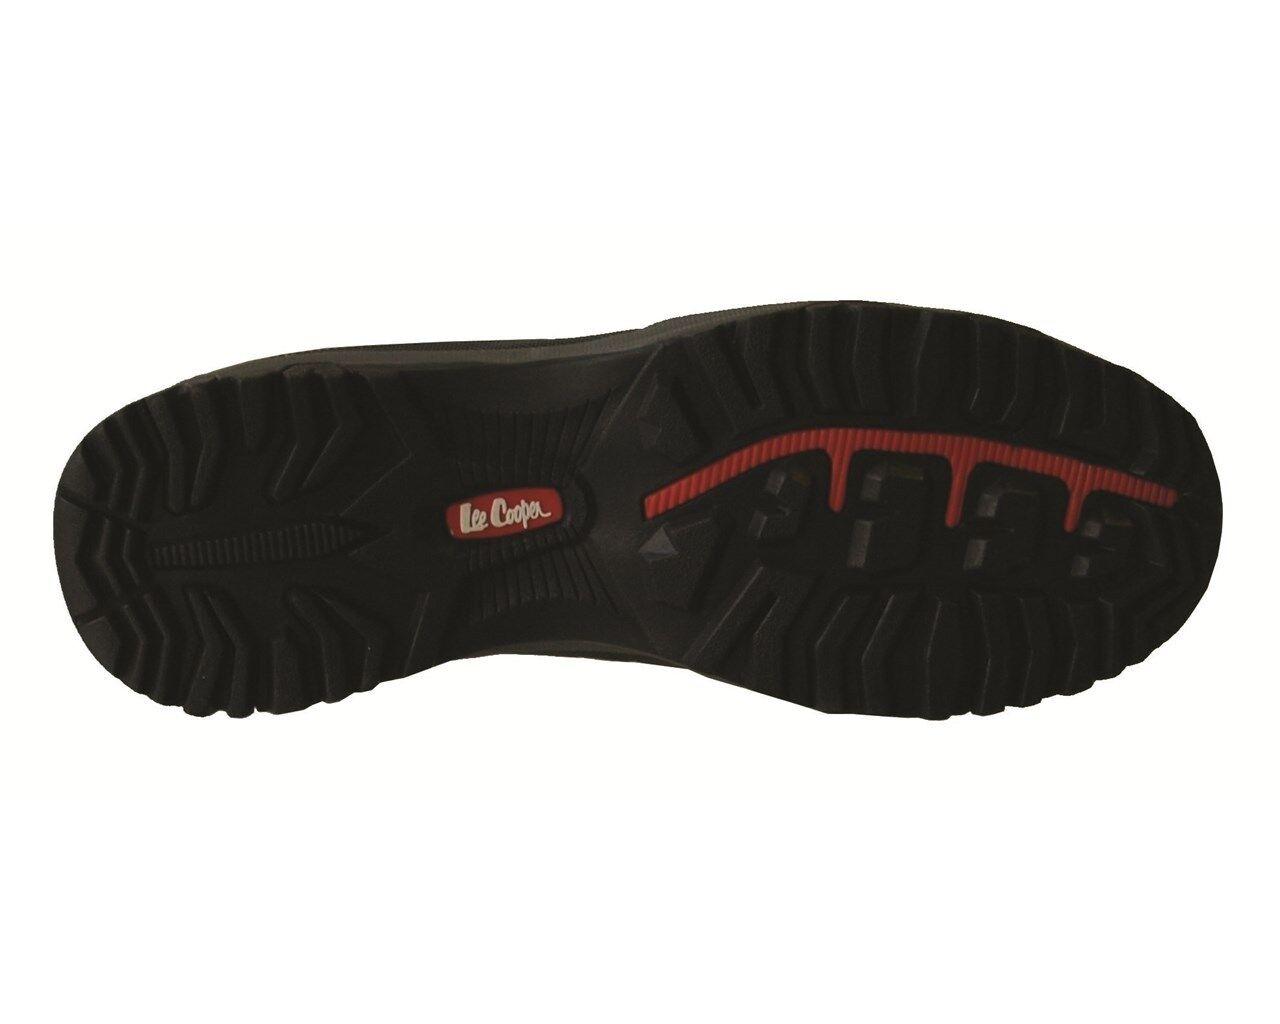 Billig Stiefel hohe Qualität Lee Cooper Stiefel Billig mens-stahl-zehenschutzkappe Sicherheitsturnschuhe 3b4bb9